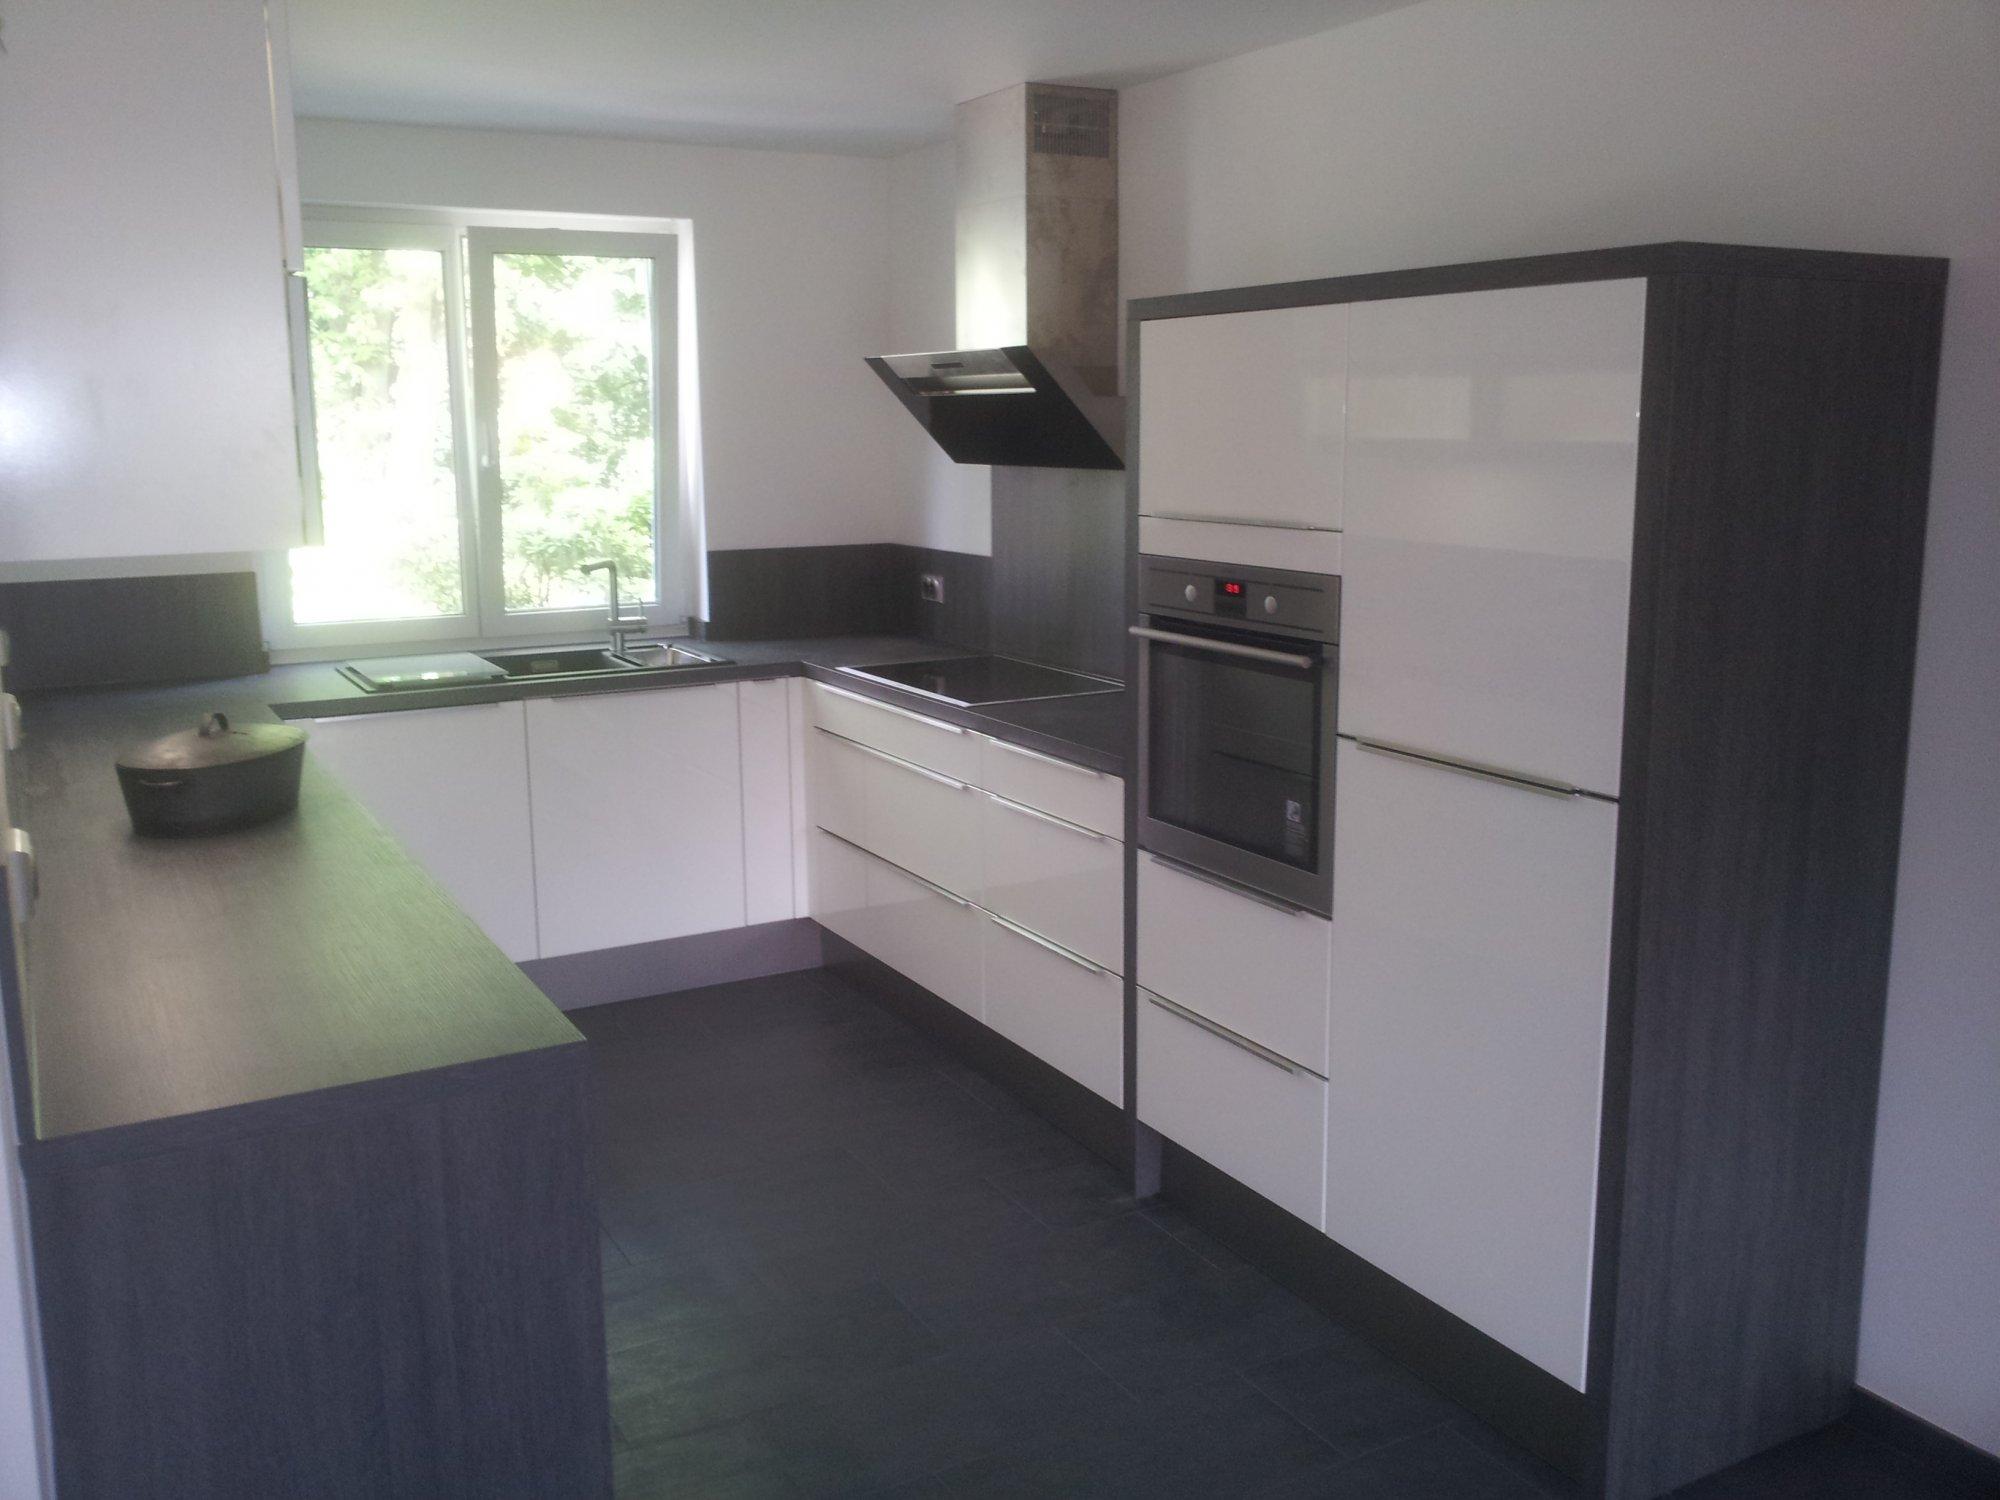 Aeg Kühlschrank Forum : Freistehender kühlschrank küchen ideen